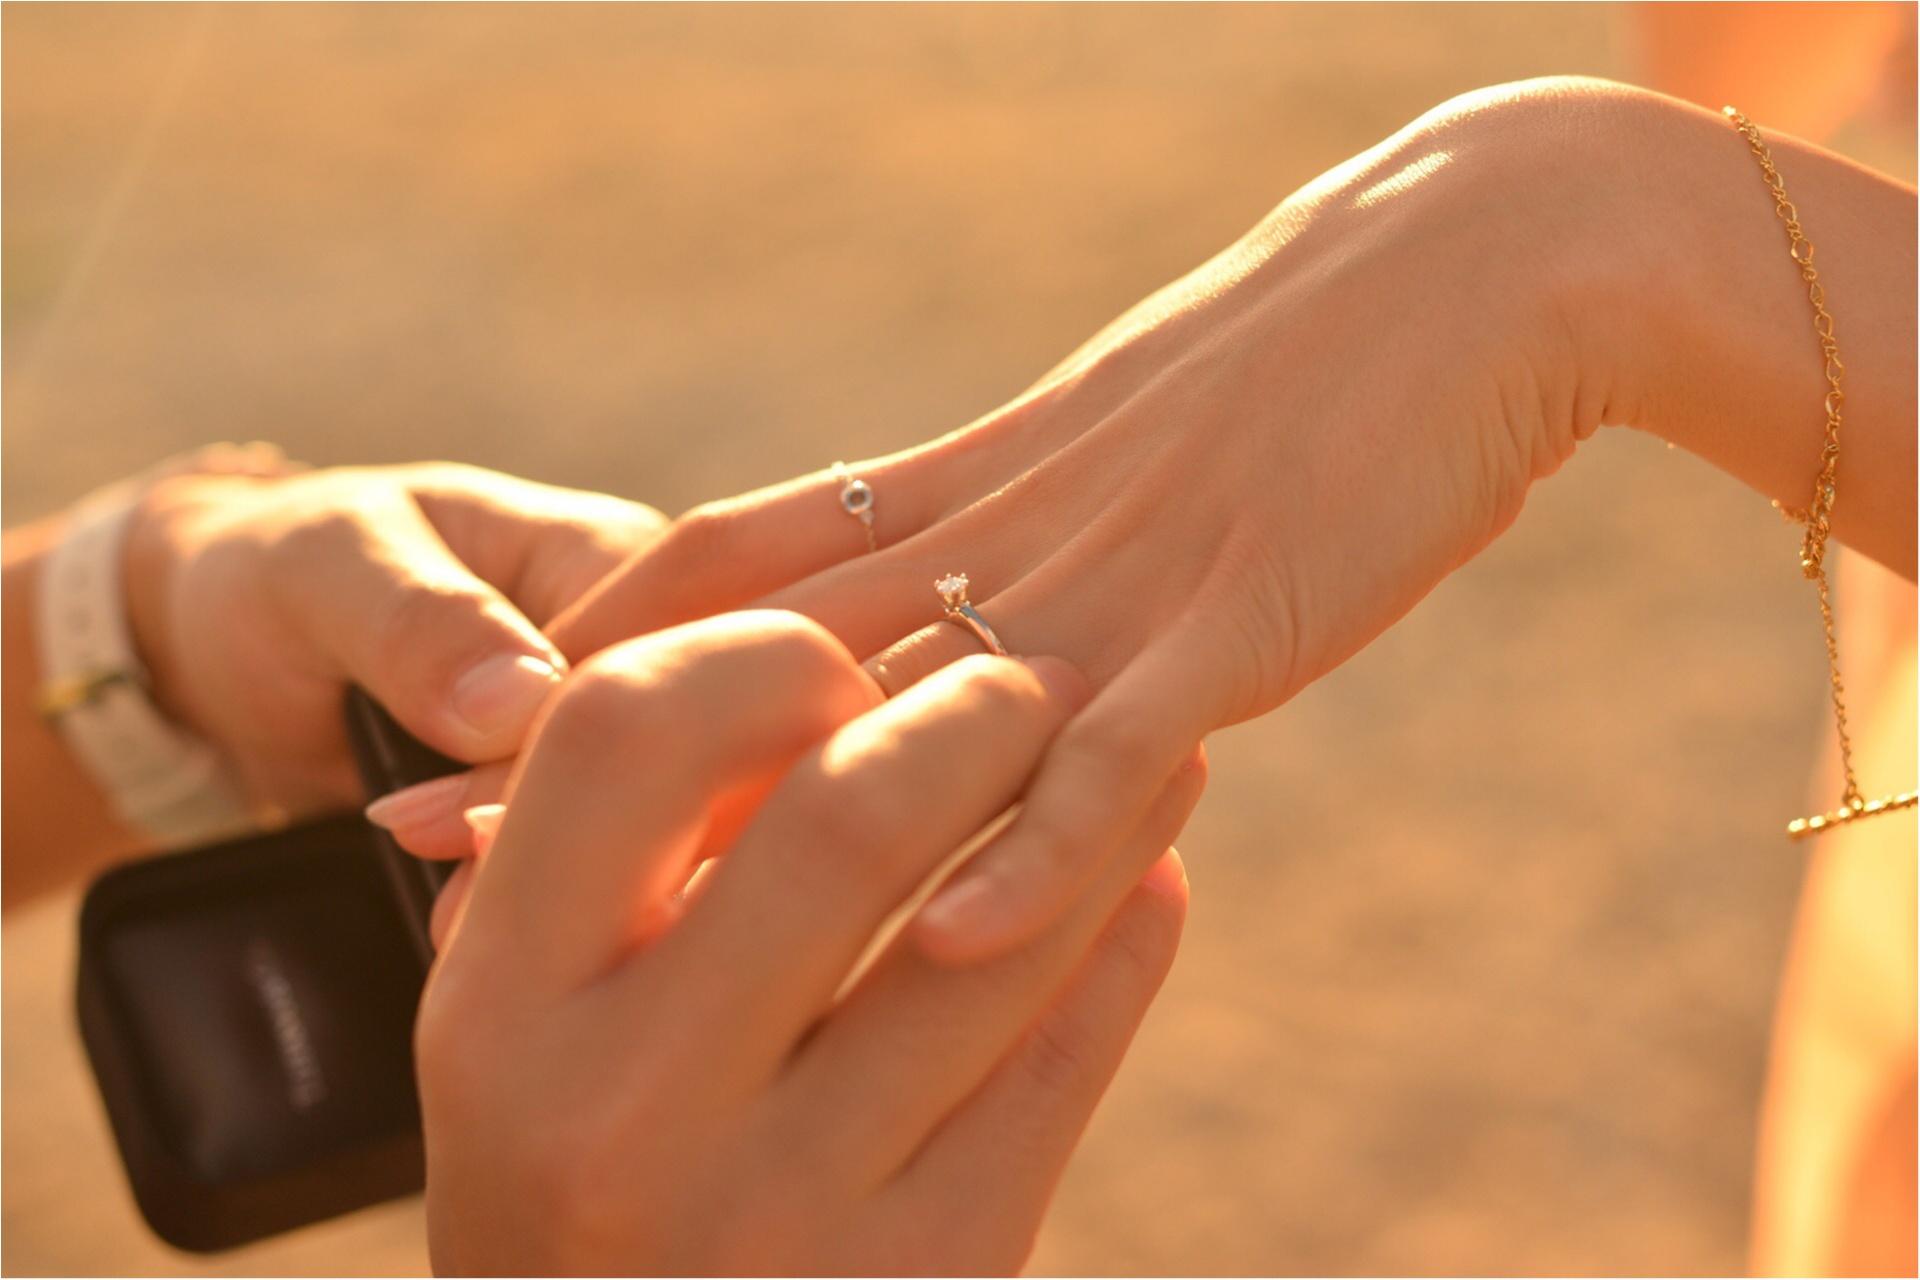 婚約指輪のおすすめブランド特集 - ティファニー、カルティエ、ディオールなどエンゲージリングまとめ_14